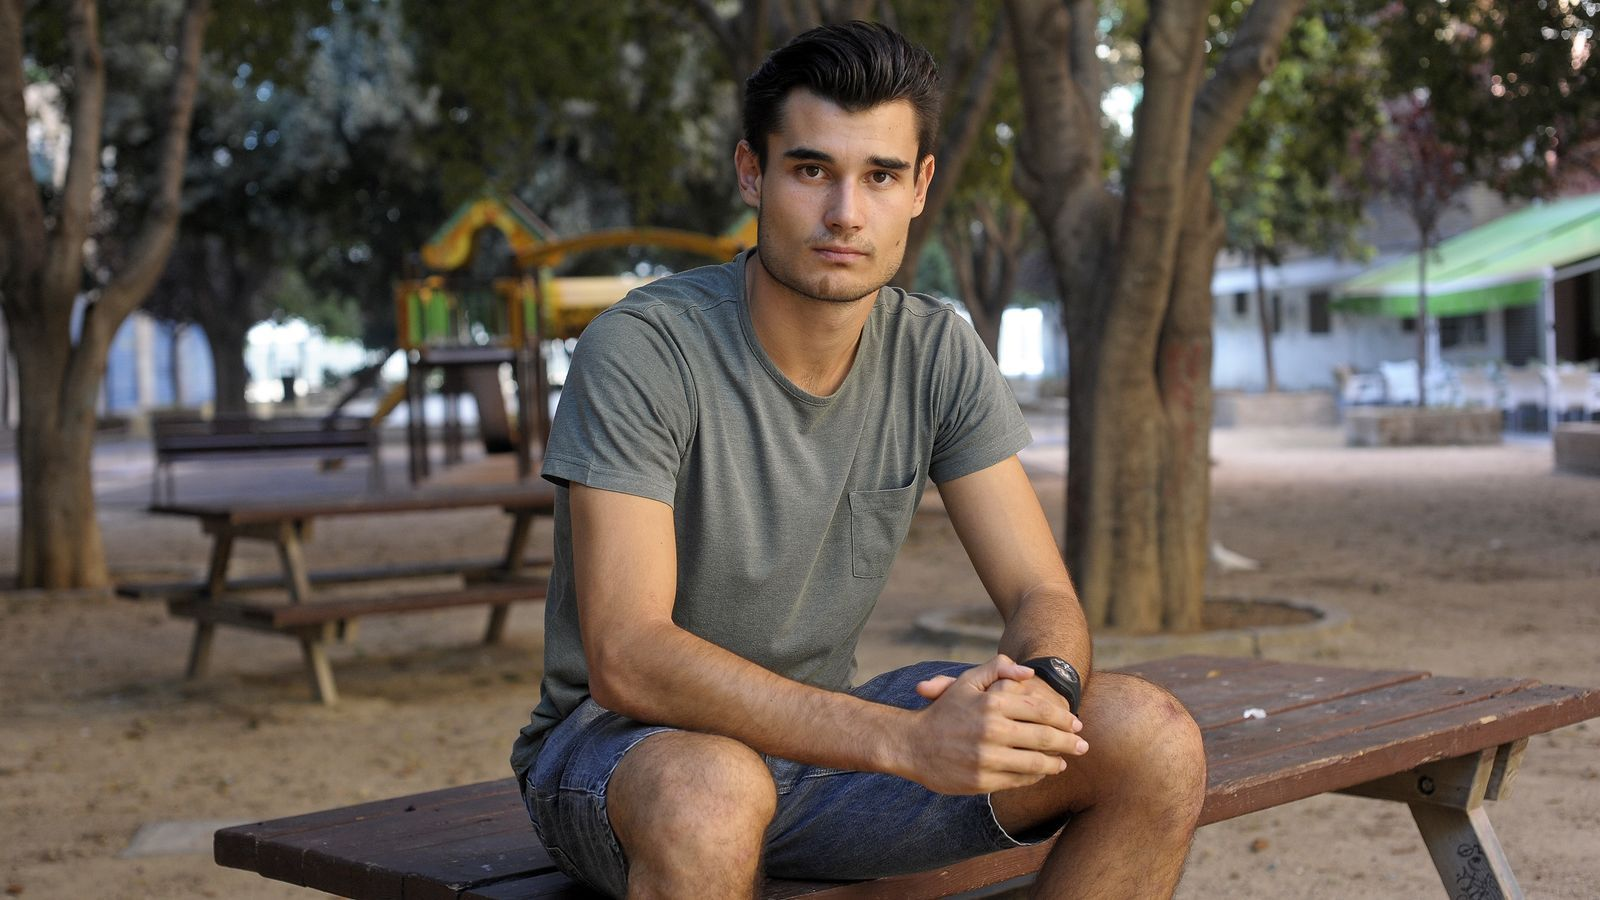 Vicente Danvila, en un parc a la ciutat de València. / DANIEL GARCÍA-SALA